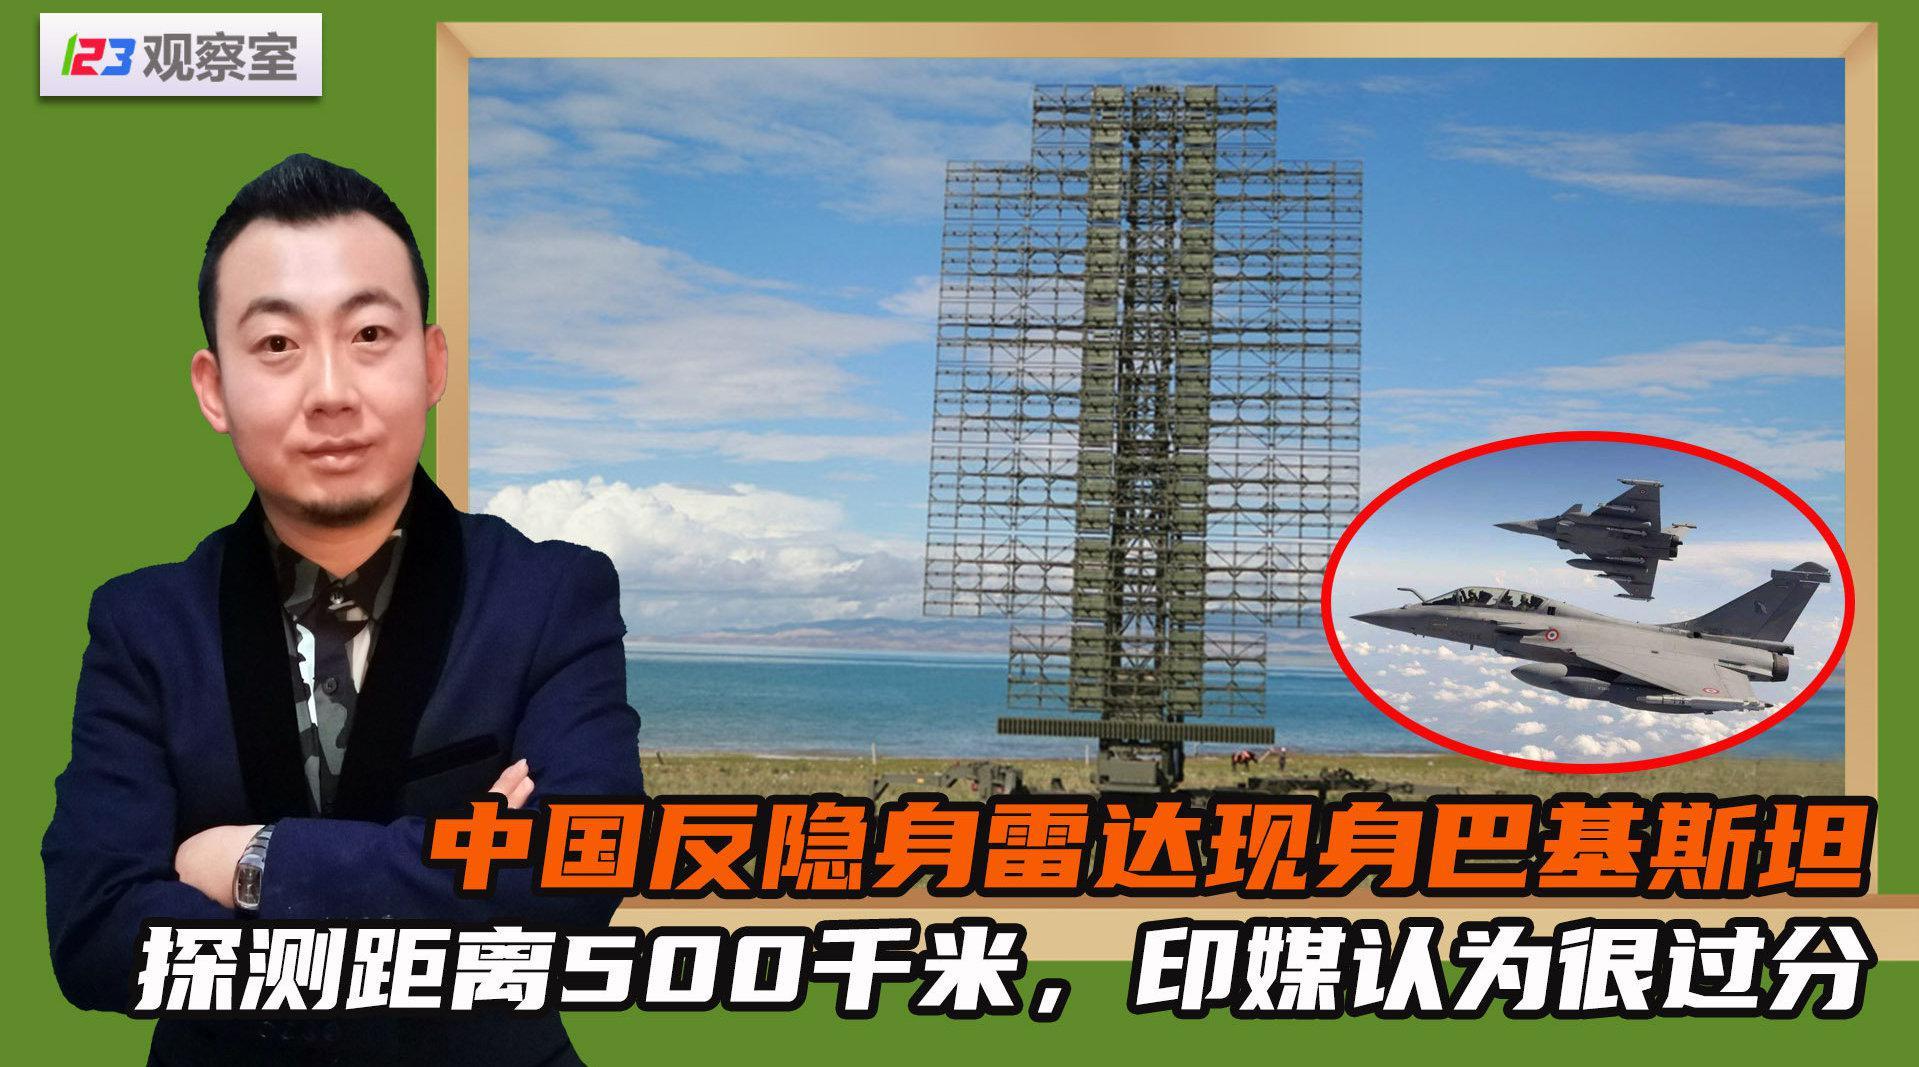 中国反隐身雷达现身巴基斯坦,探测距离500千米,印媒认为很过分